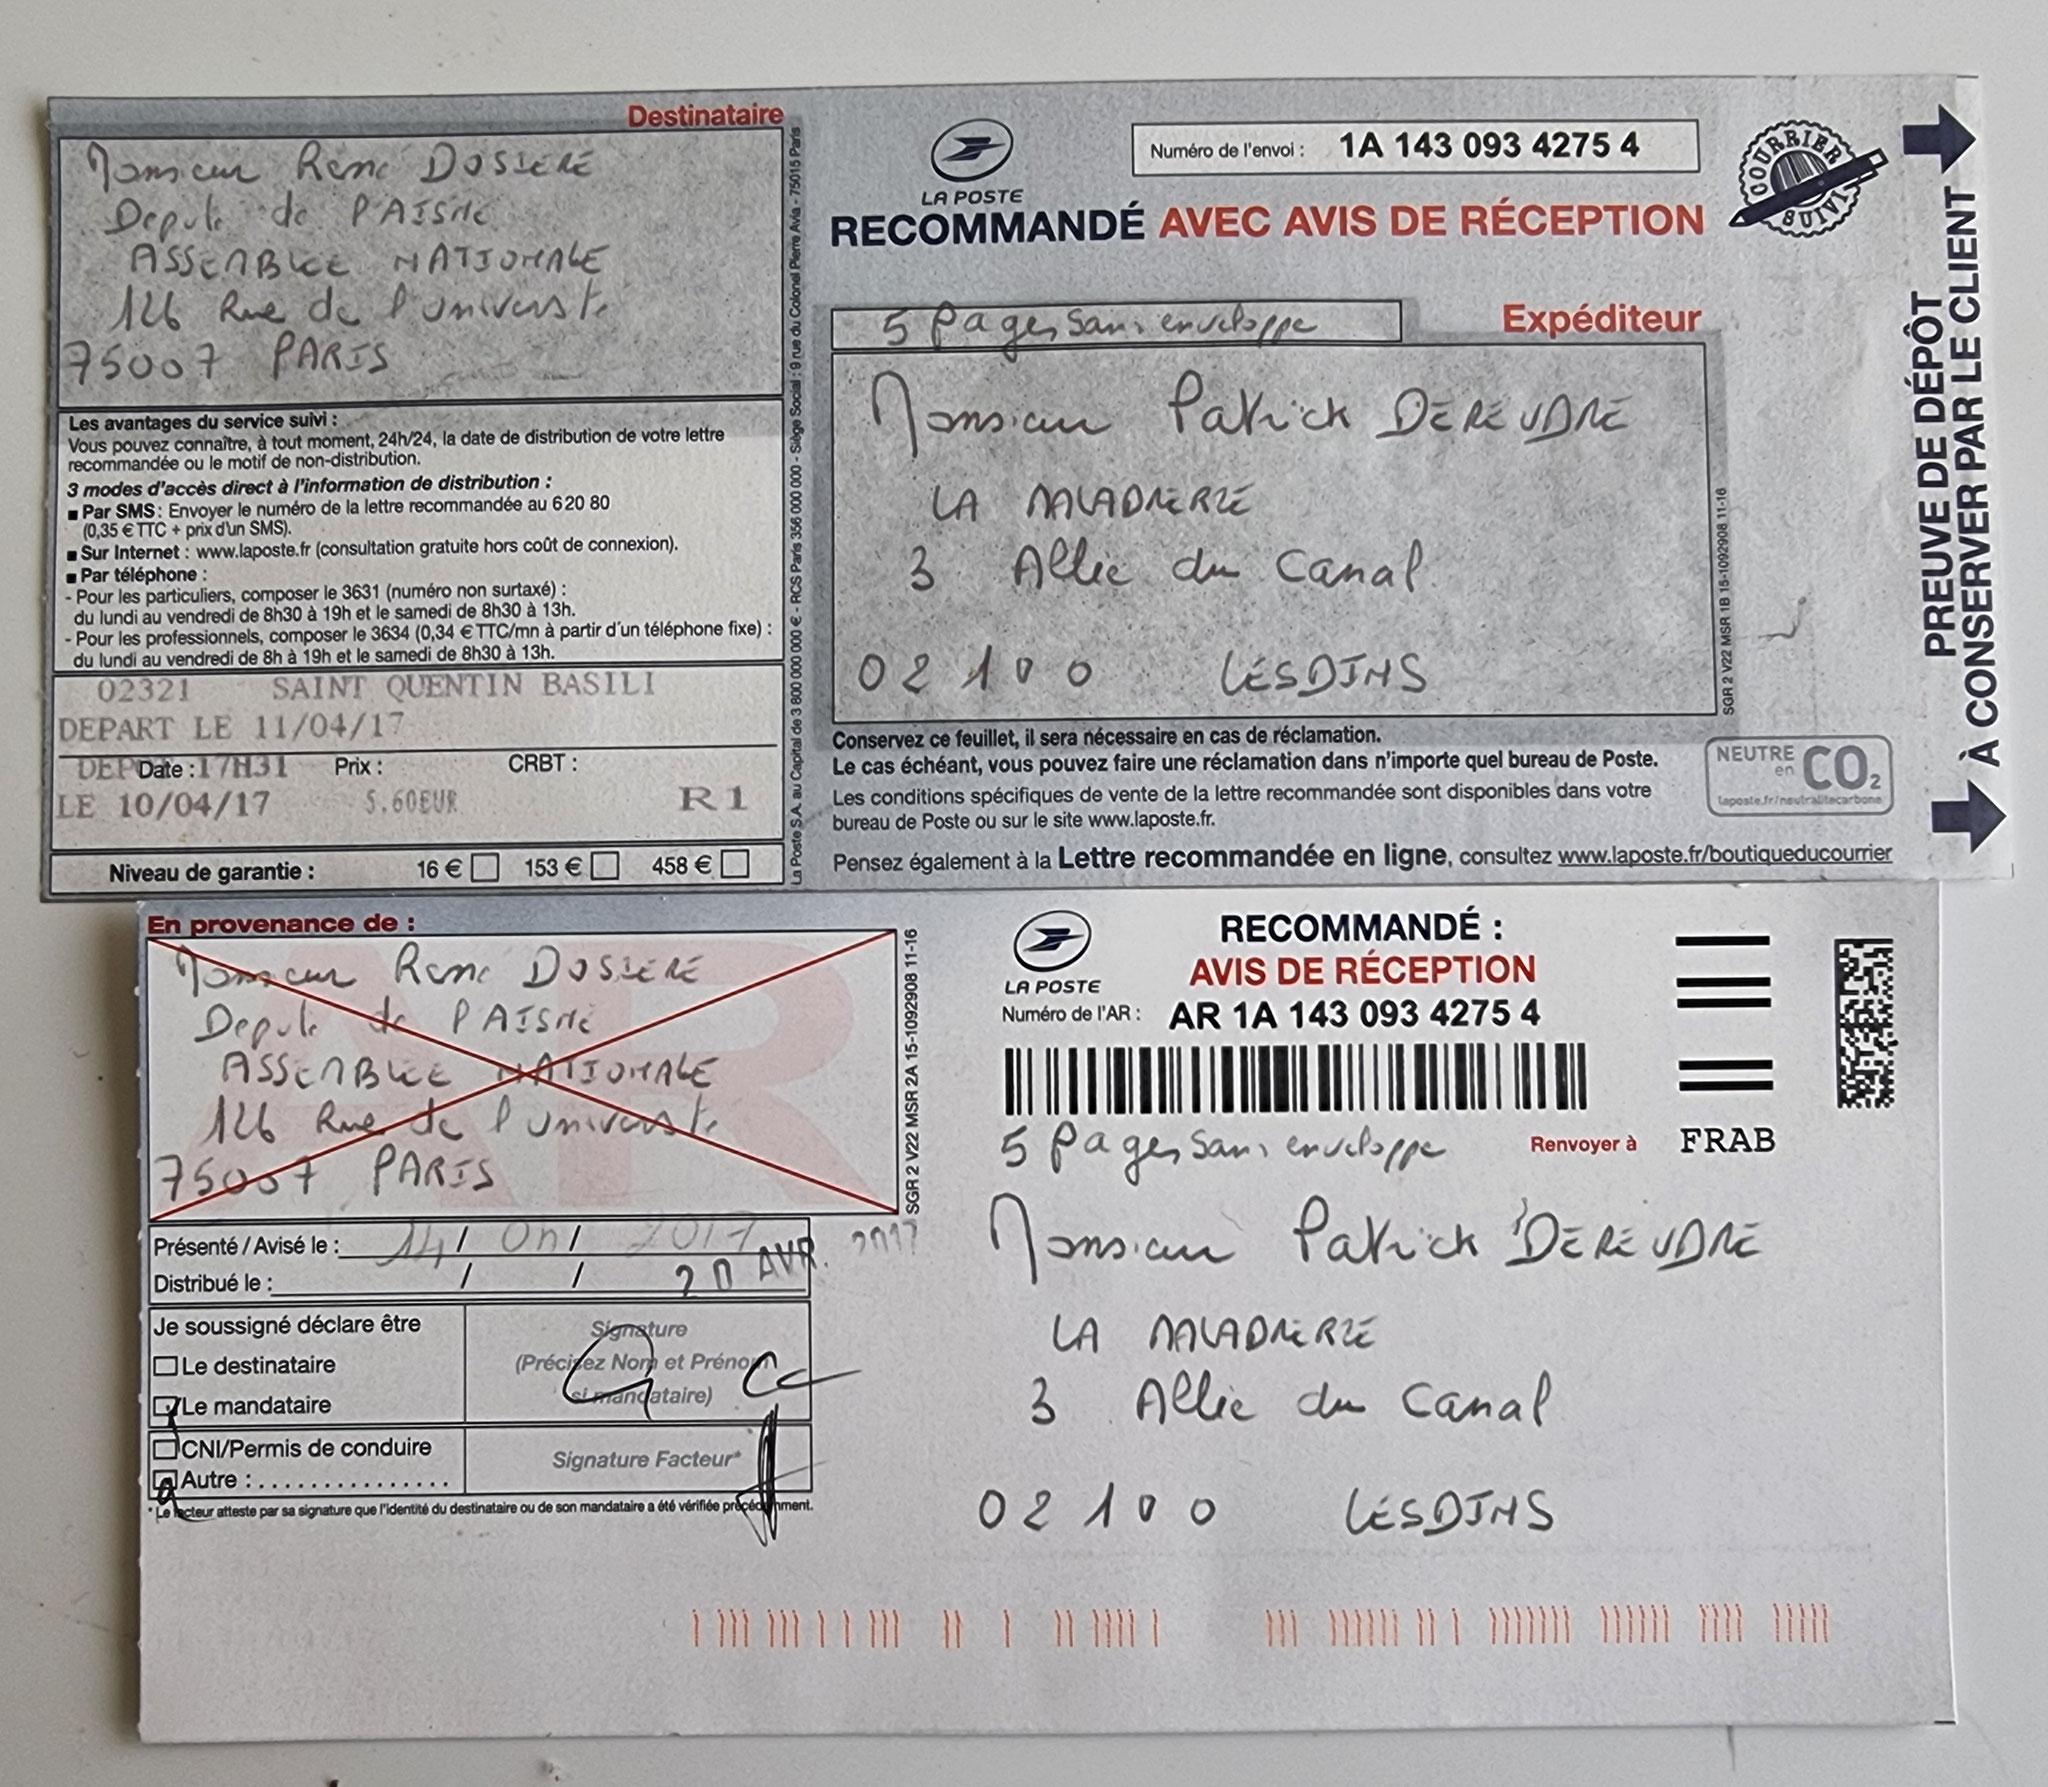 Ma lettre recommandée du 10 Avril 2017 N° 1A 143 093 4275 4  adressée à Monsieur le Député de l'Aisne à LAON (02) Monsieur René DOSIERE NON ASSISTANCE A PERSONNE EN DANGER www.jesuispatrick.fr www.jesuisvictime.fr www.jenesuispasunchien.fr